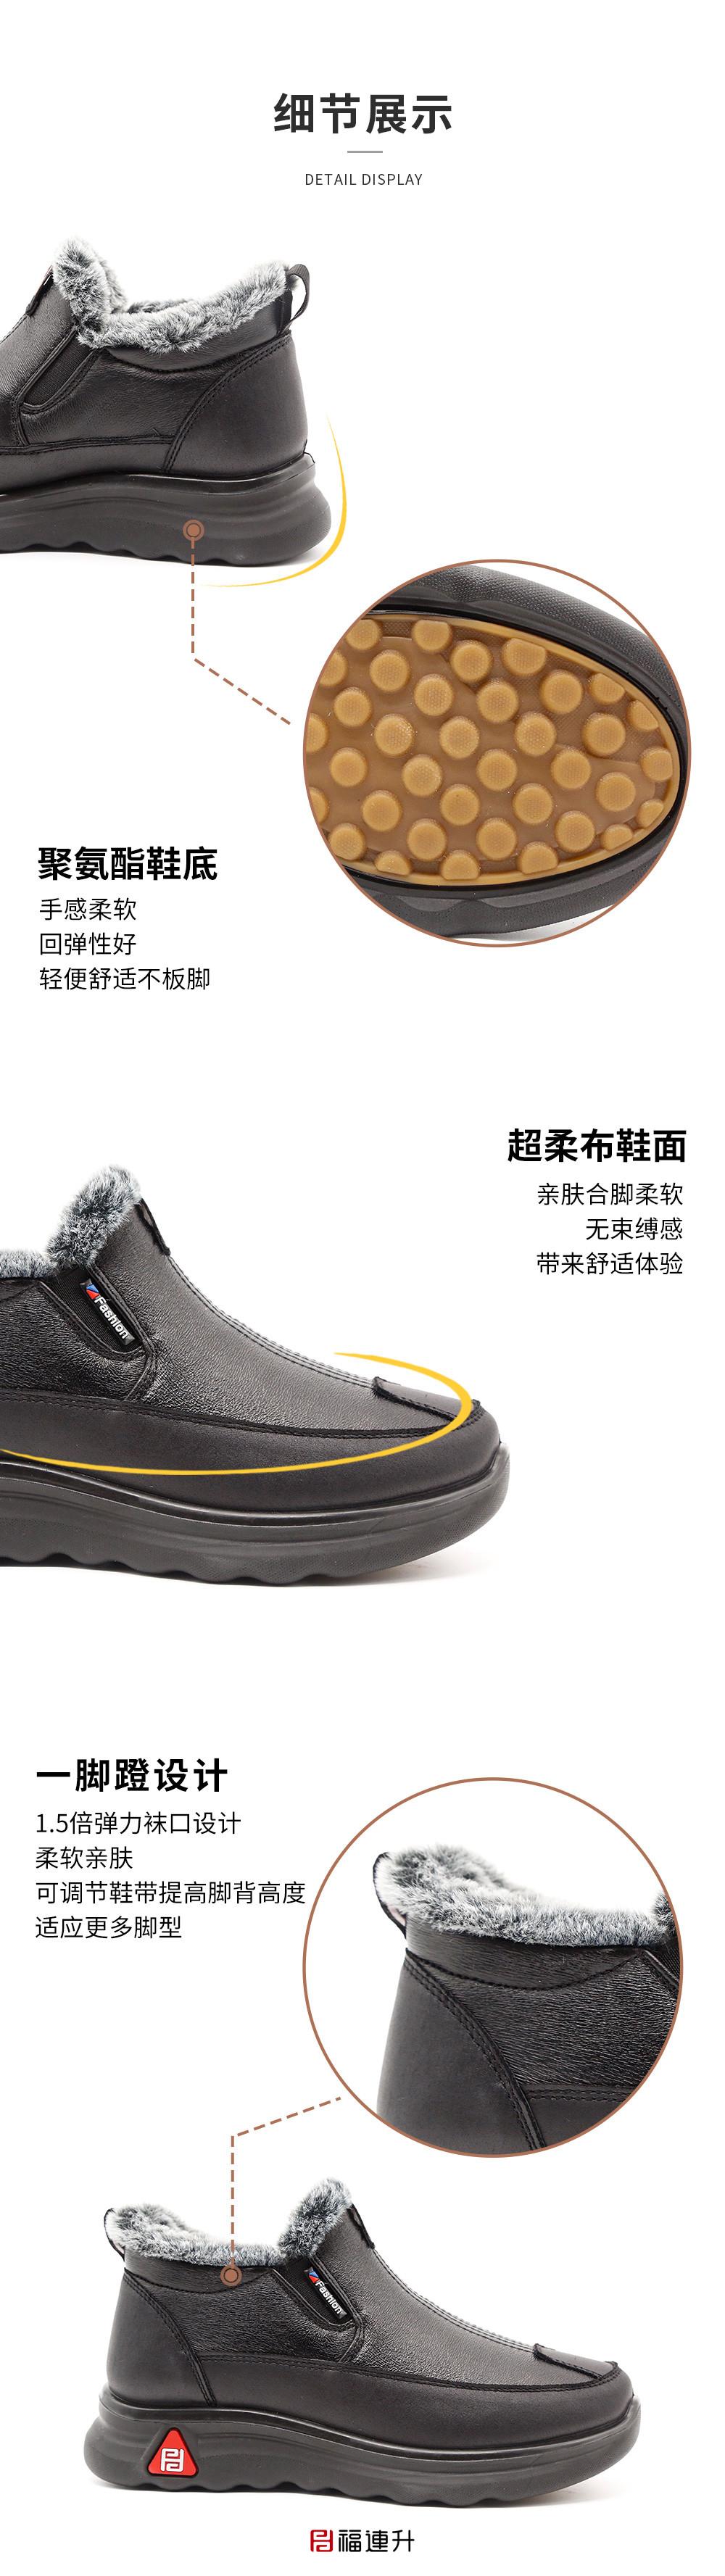 福连升老北京布鞋女士冬季中老年高帮加绒保暖老人鞋图片